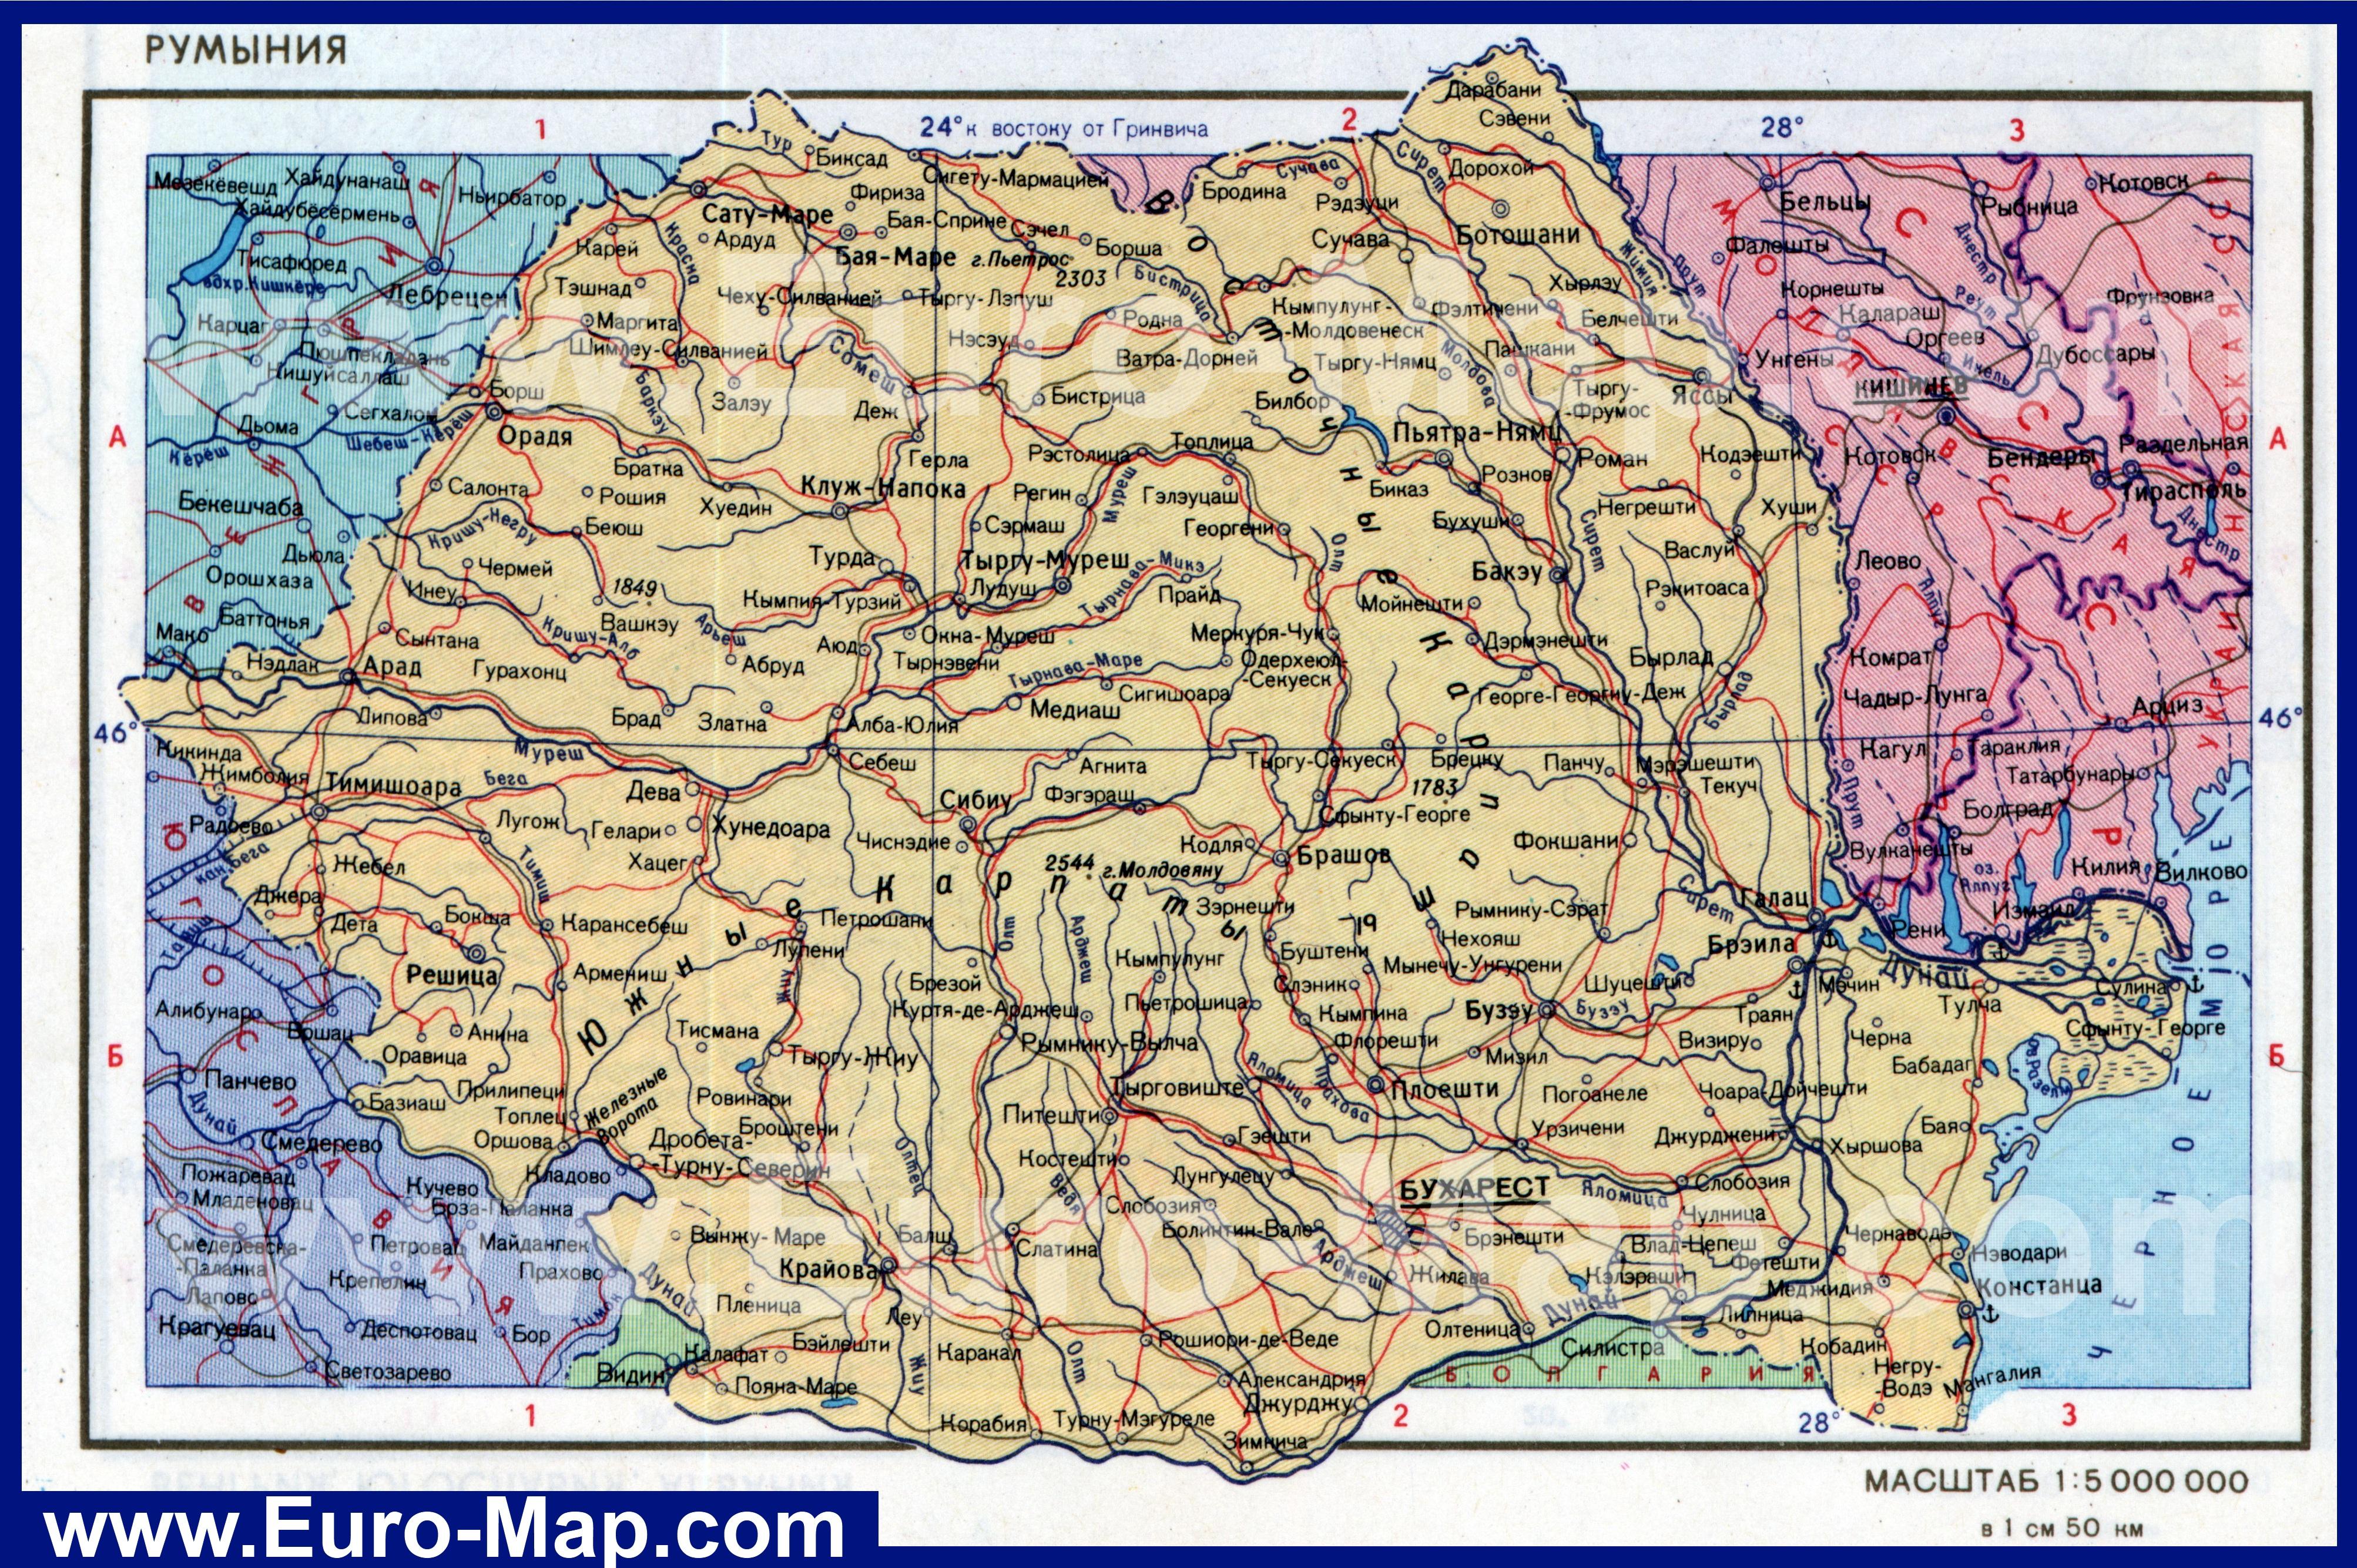 http://euro-map.com/karty-rumynii/podrobnaya-karta-rumynii-na-russkom-yazyke.jpg